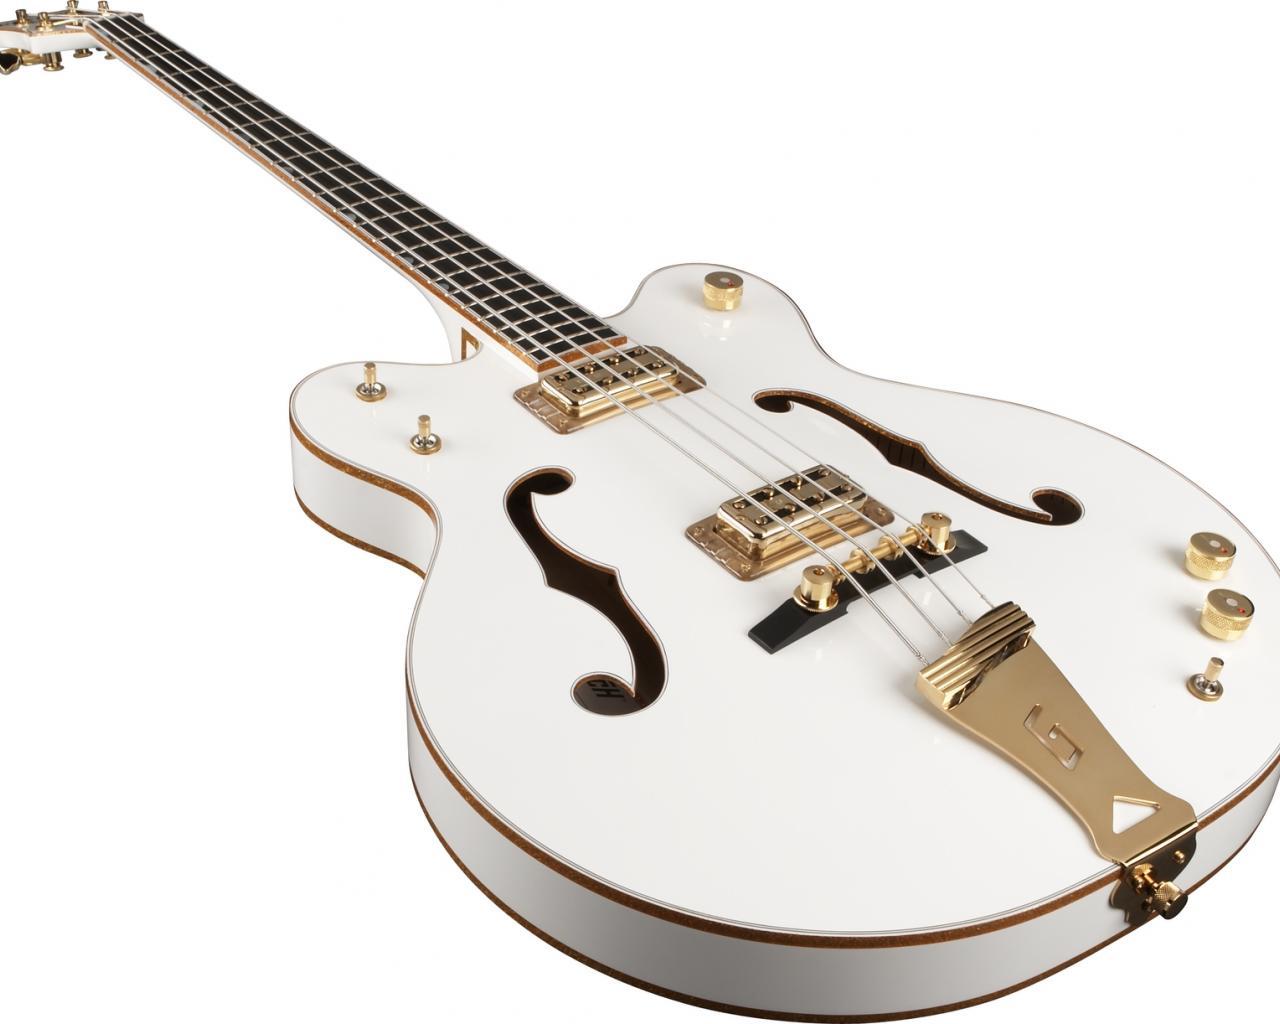 bass guitar wallpaper 6jpg 1280x1024